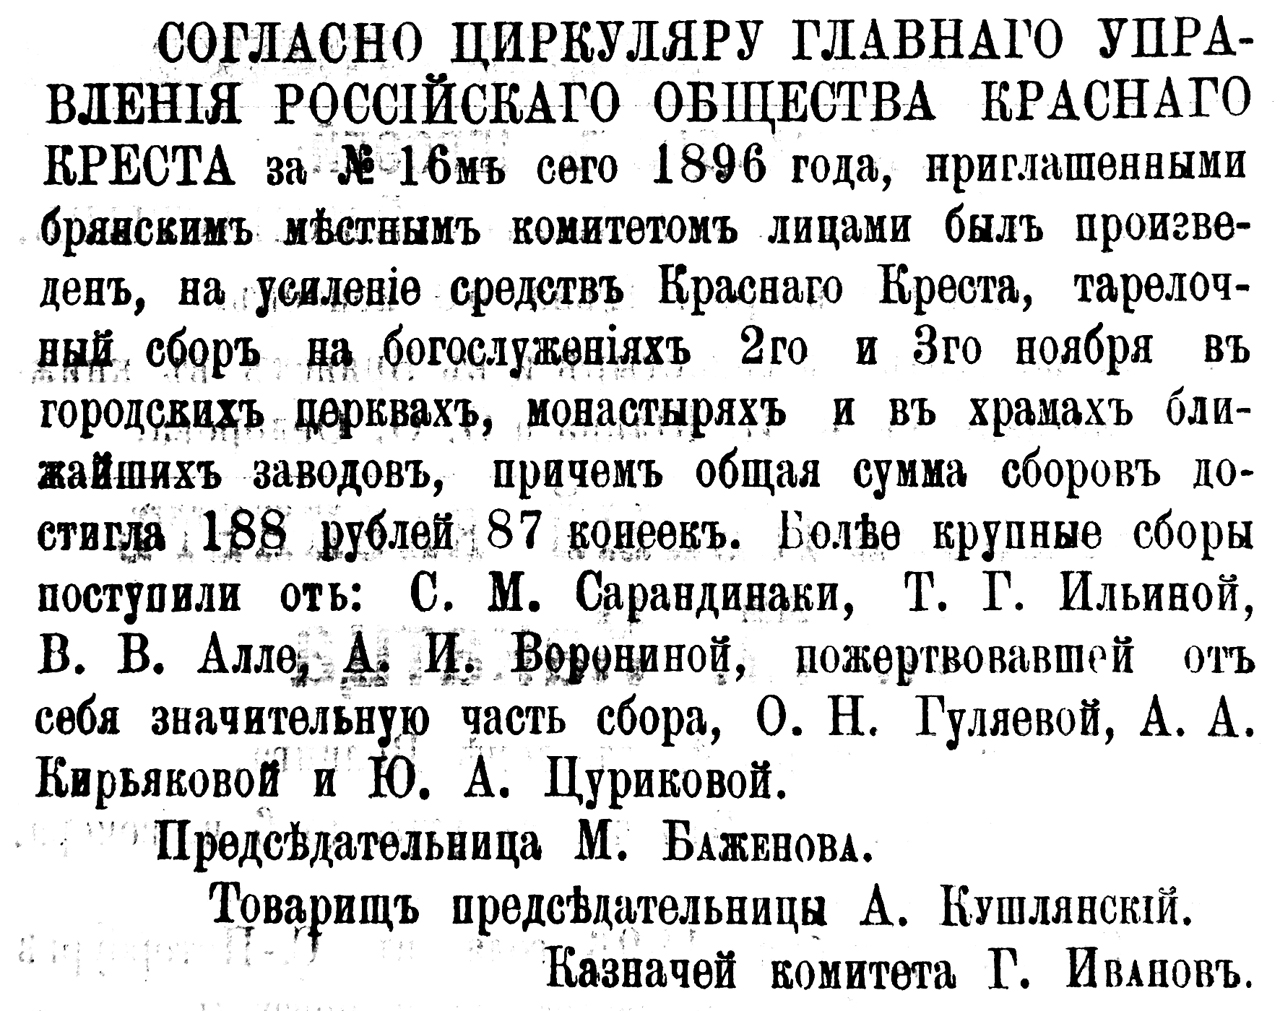 Согласно циркуляру главного управления российского общества красного креста